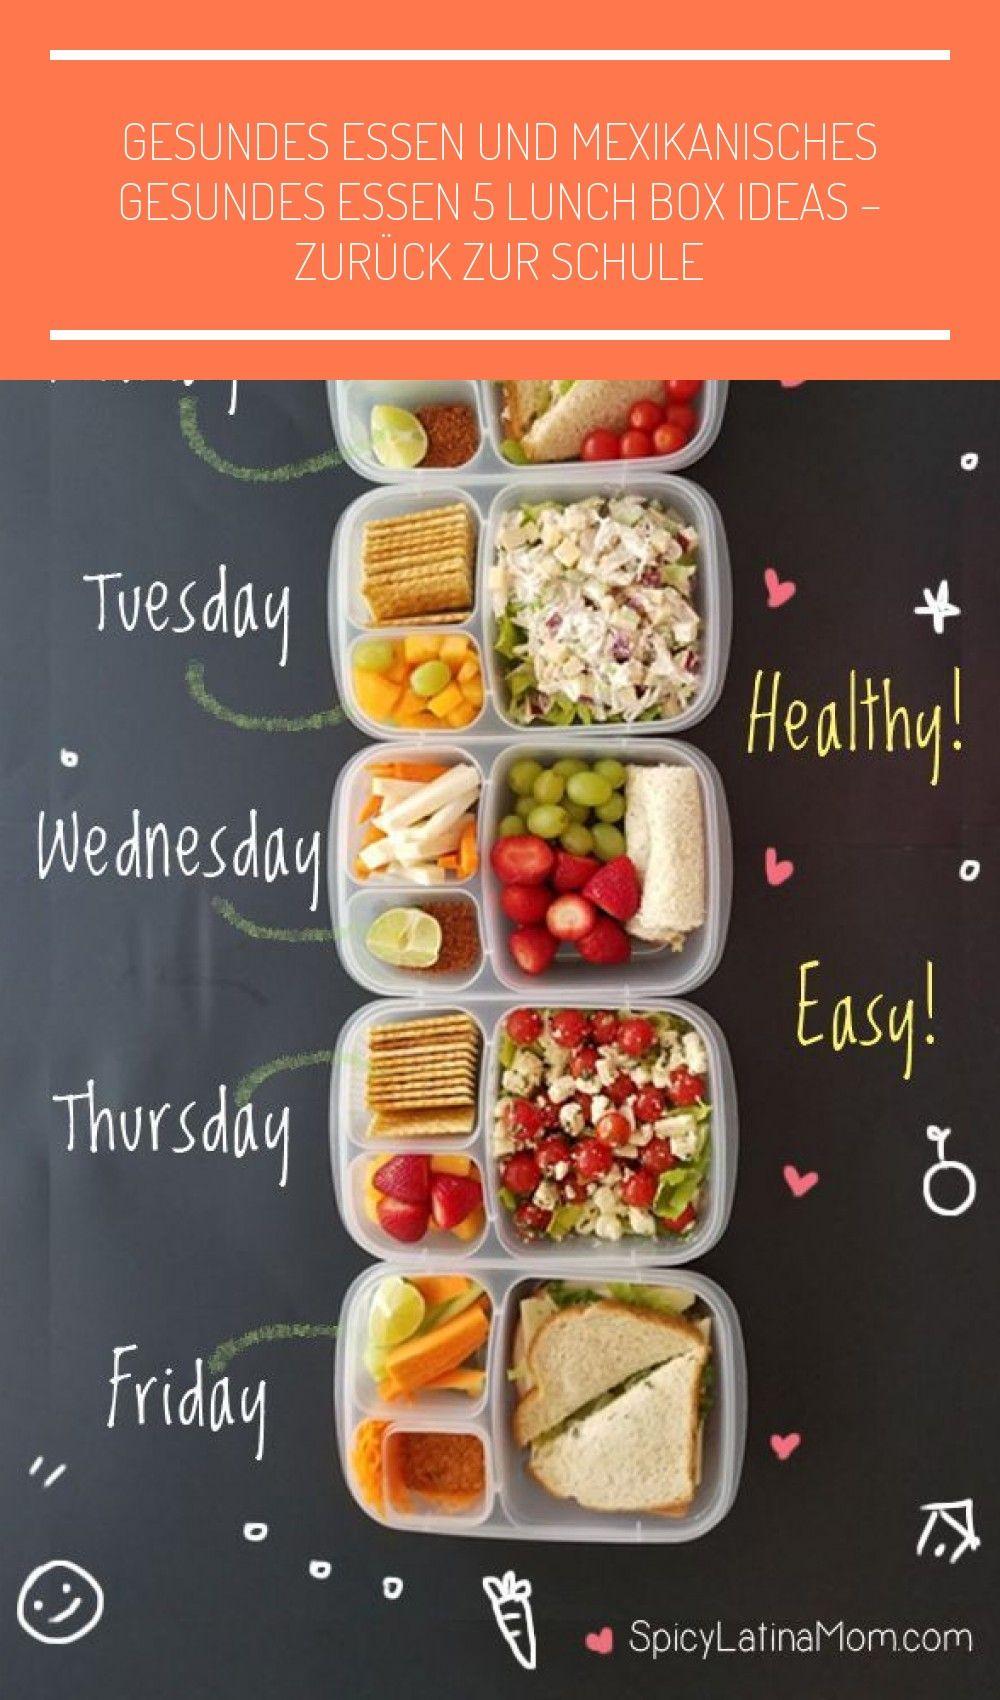 Gesundes Essen und mexikanisches gesundes Essen 5 LUNCH BOX IDEAS - ZURÜCK ZUR SCHULE - #box #essen...